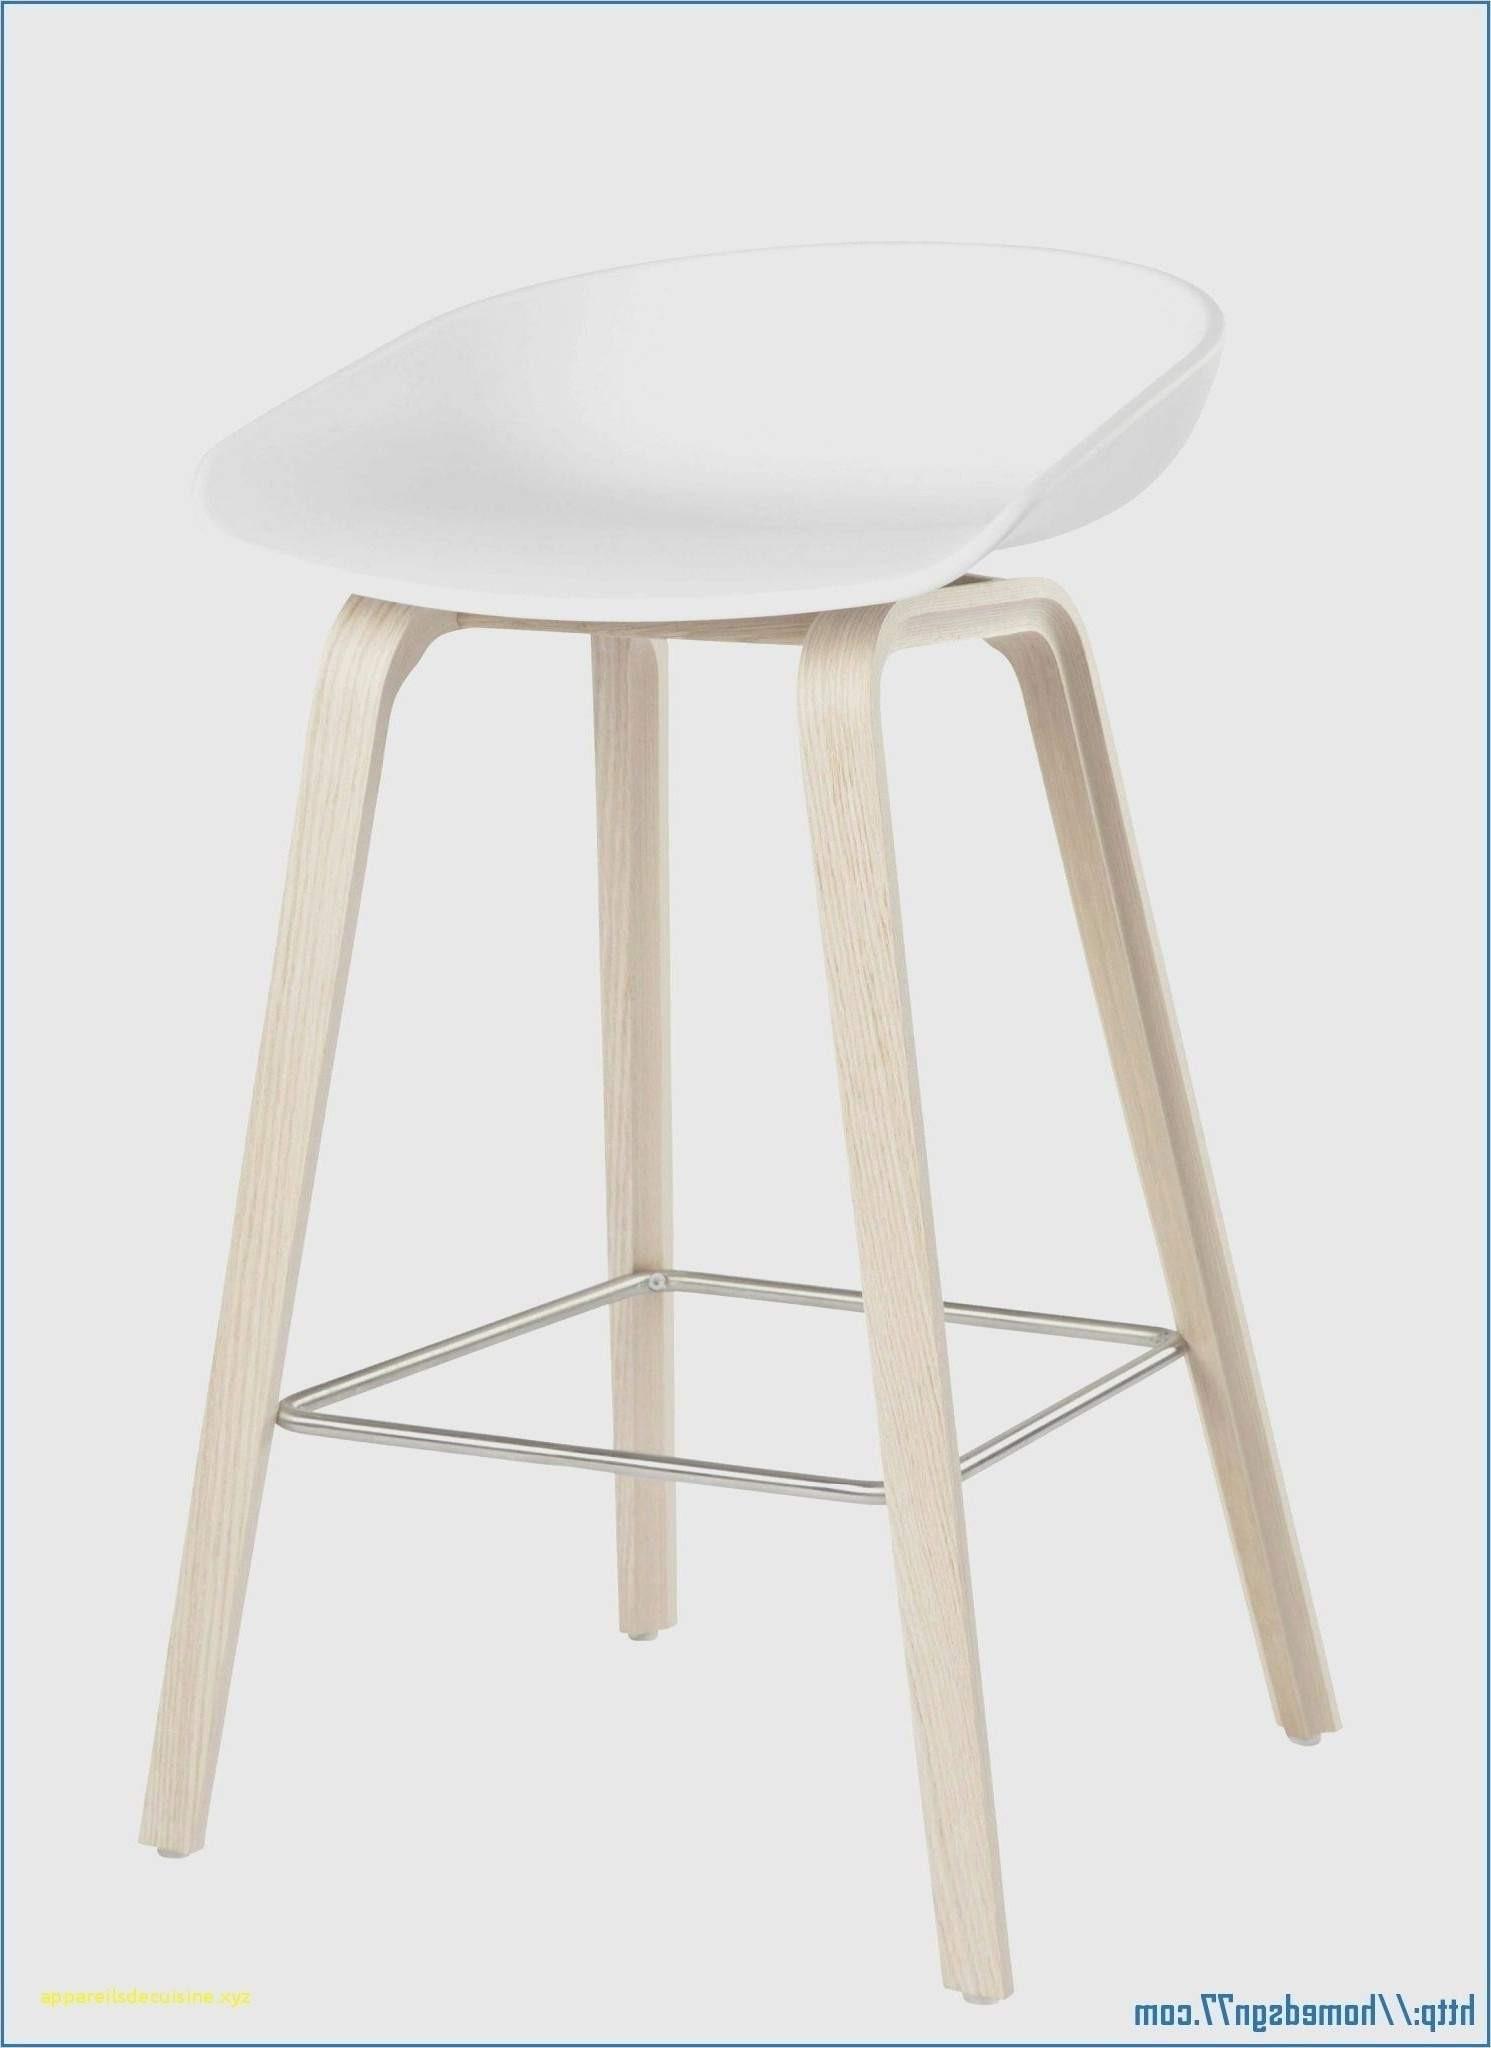 tabouret de bar empilable chaise bar bois tabouret de bar exterieur beau bar exterieur 0d of tabouret de bar empilable